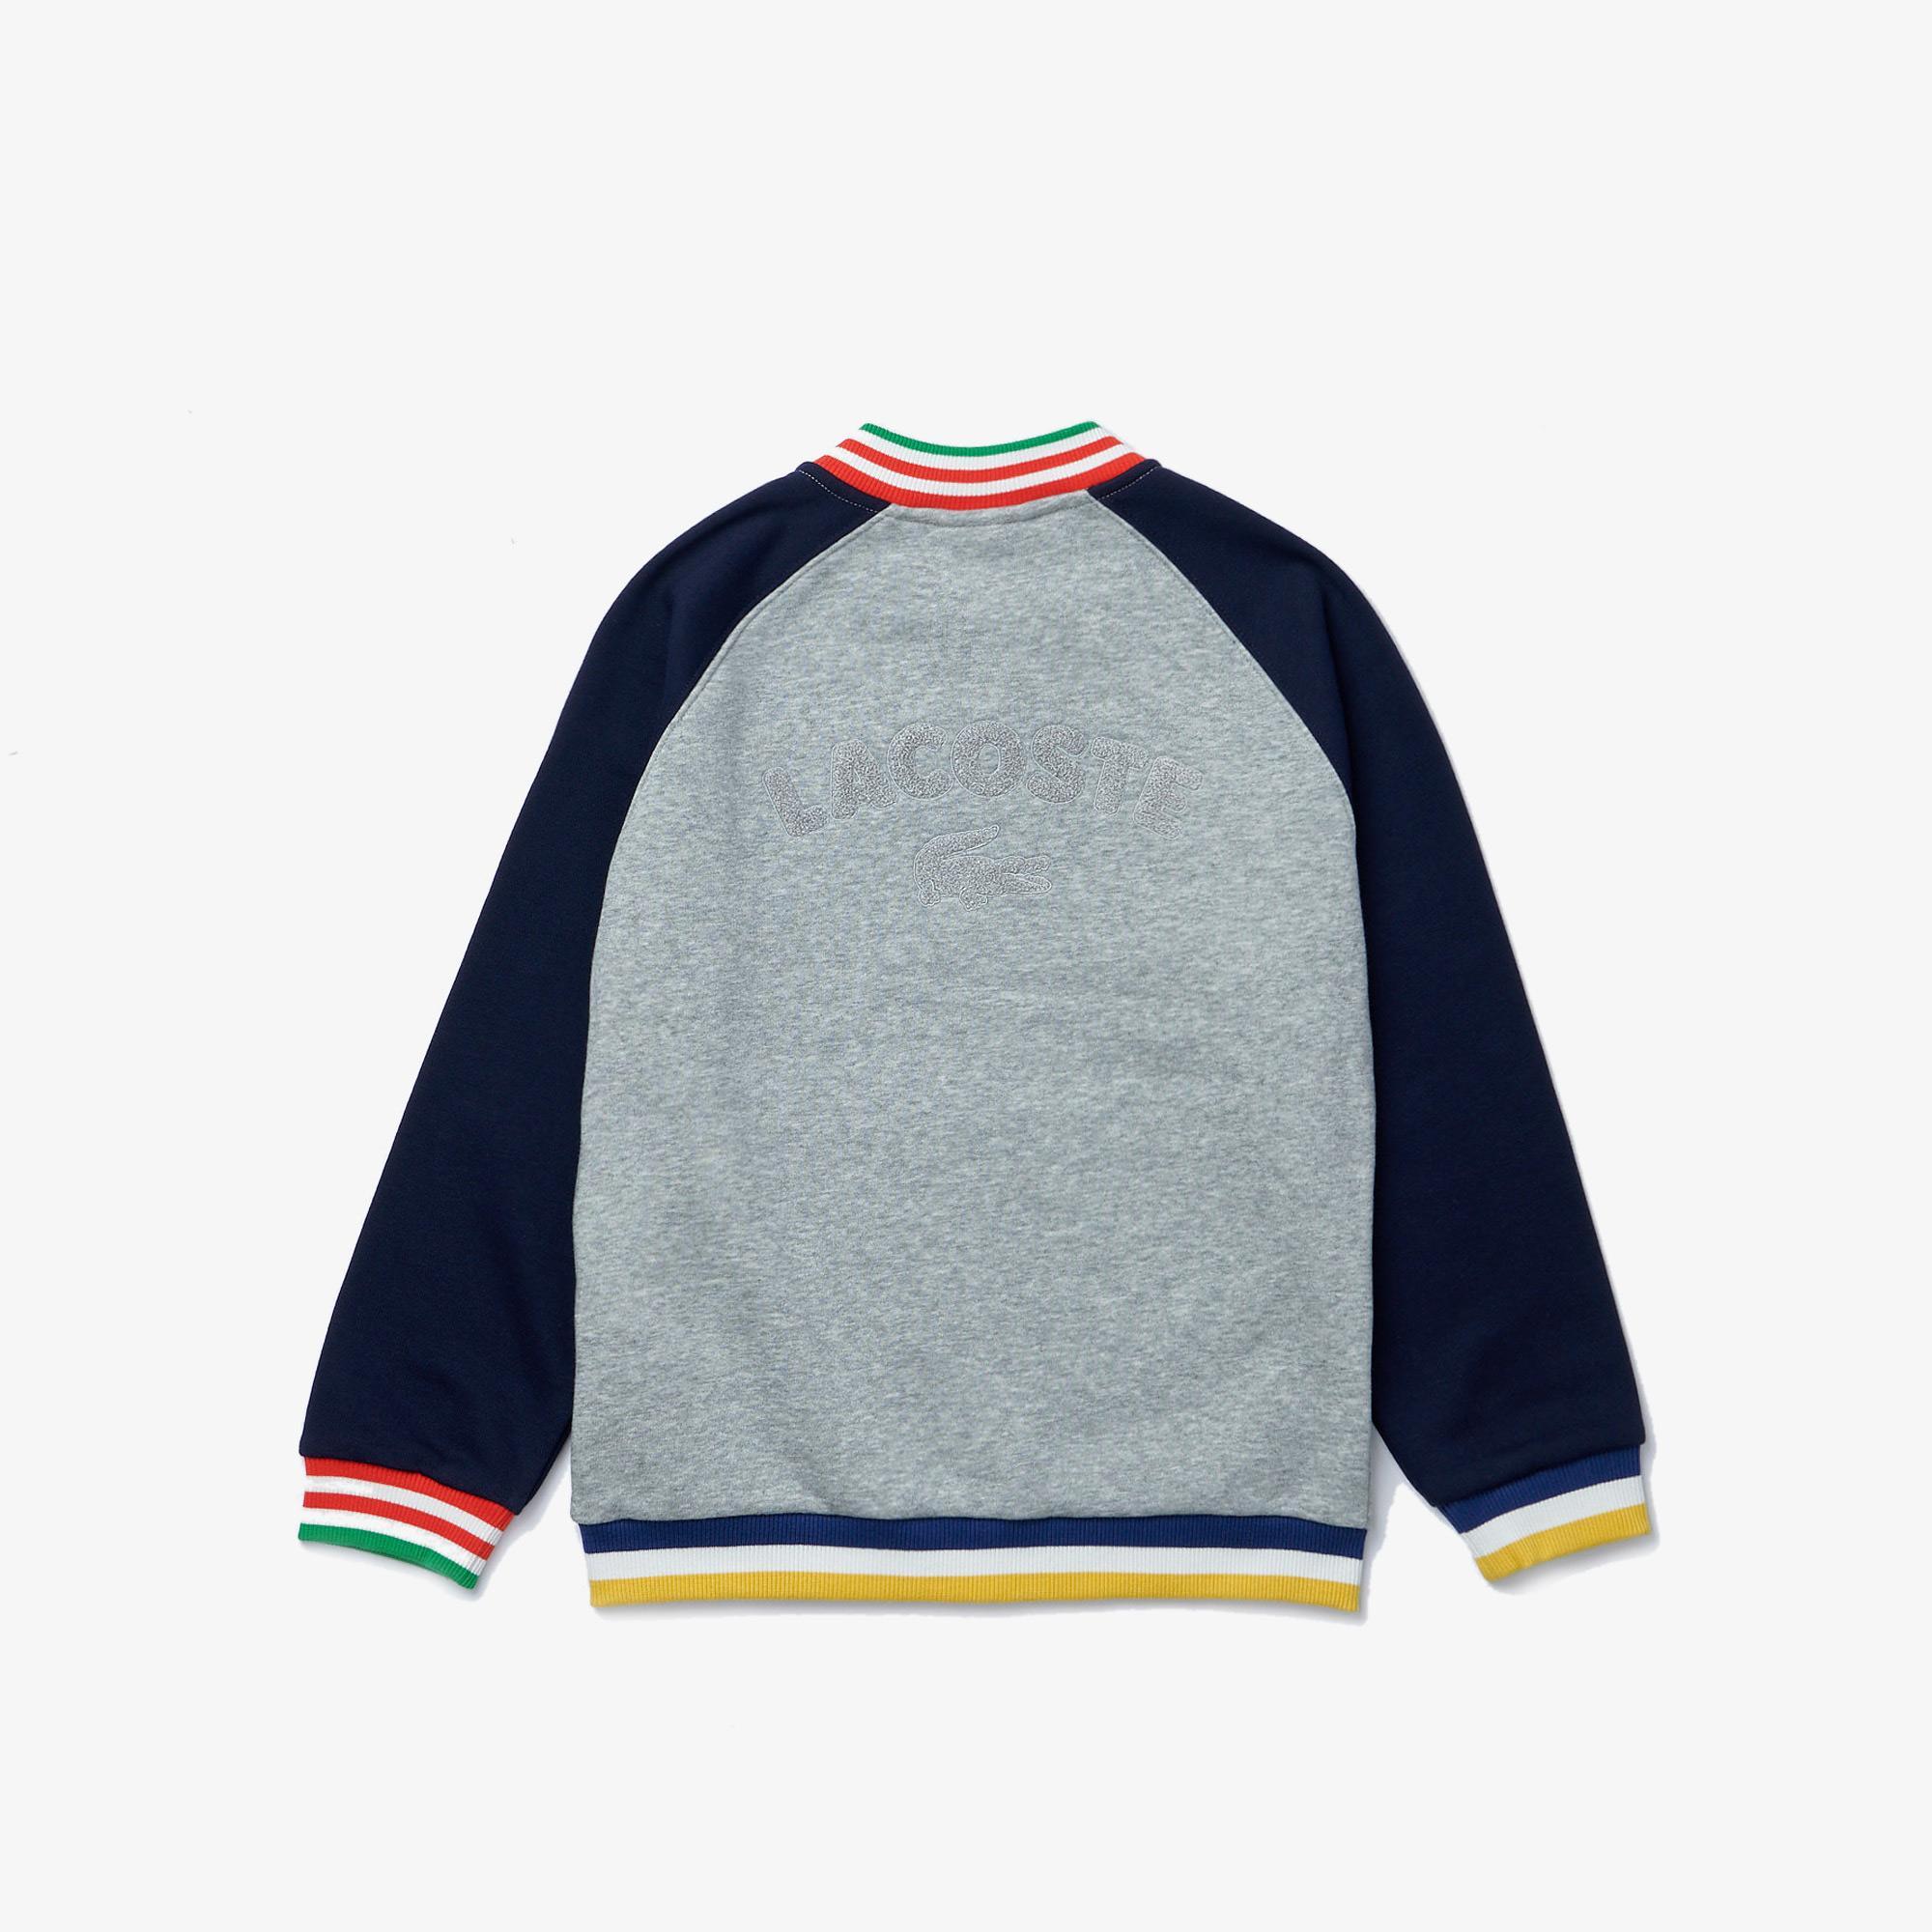 Lacoste Boys Bicolor Striped Accents Fleece Teddy Jacket